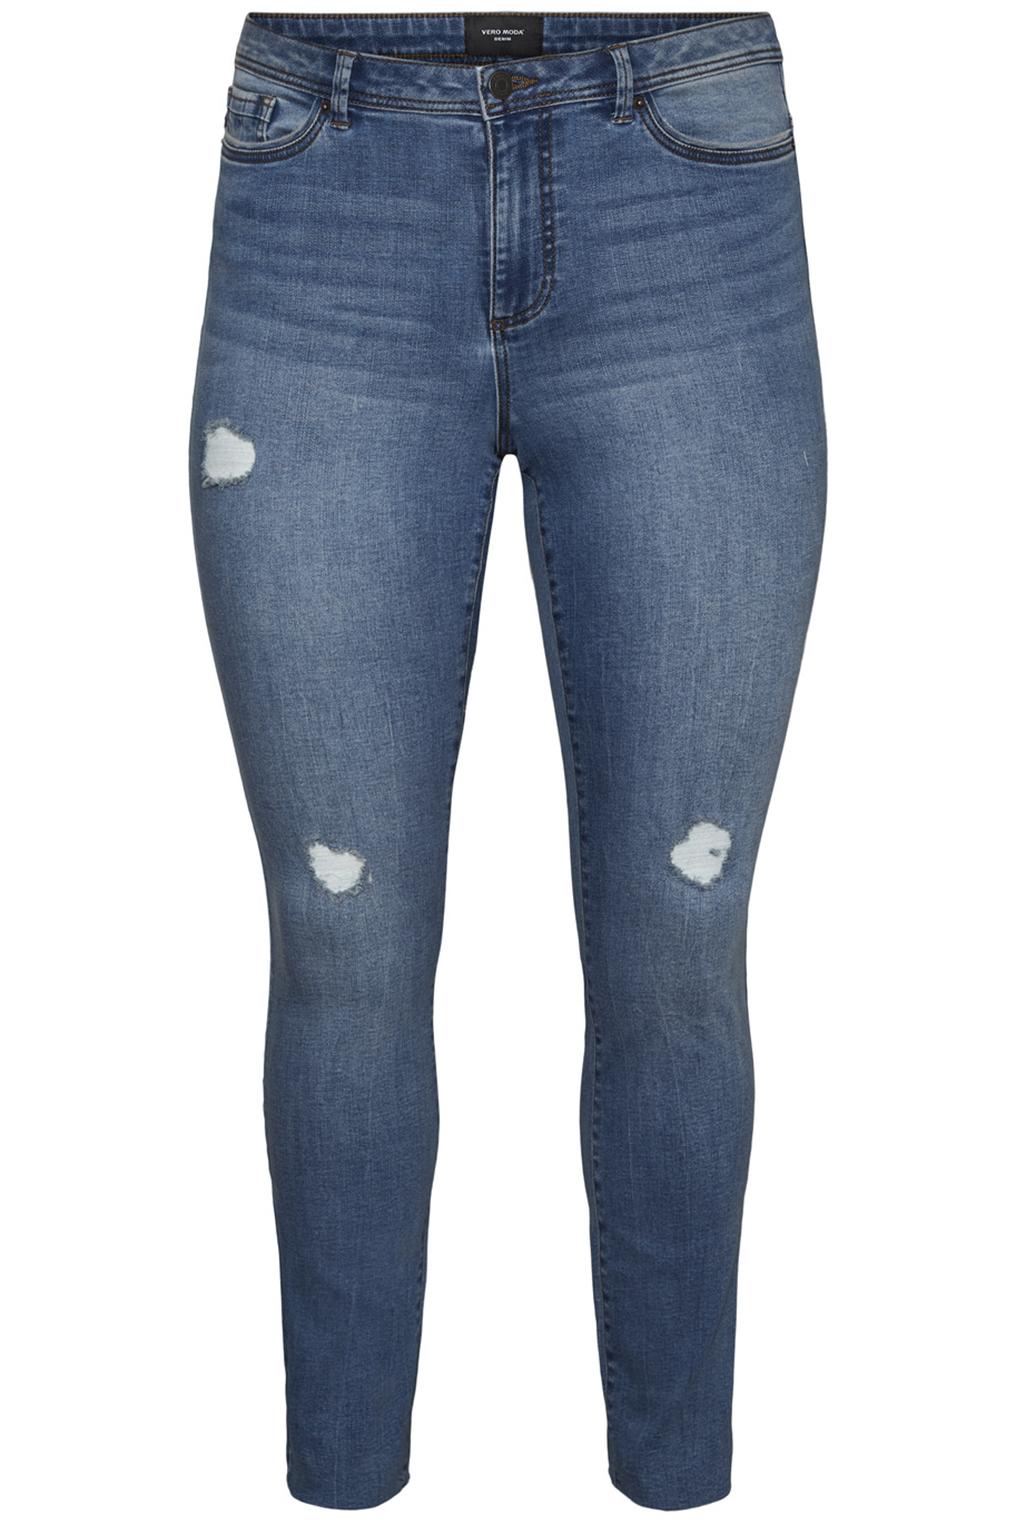 Vero Moda jeans VMMANYADINA